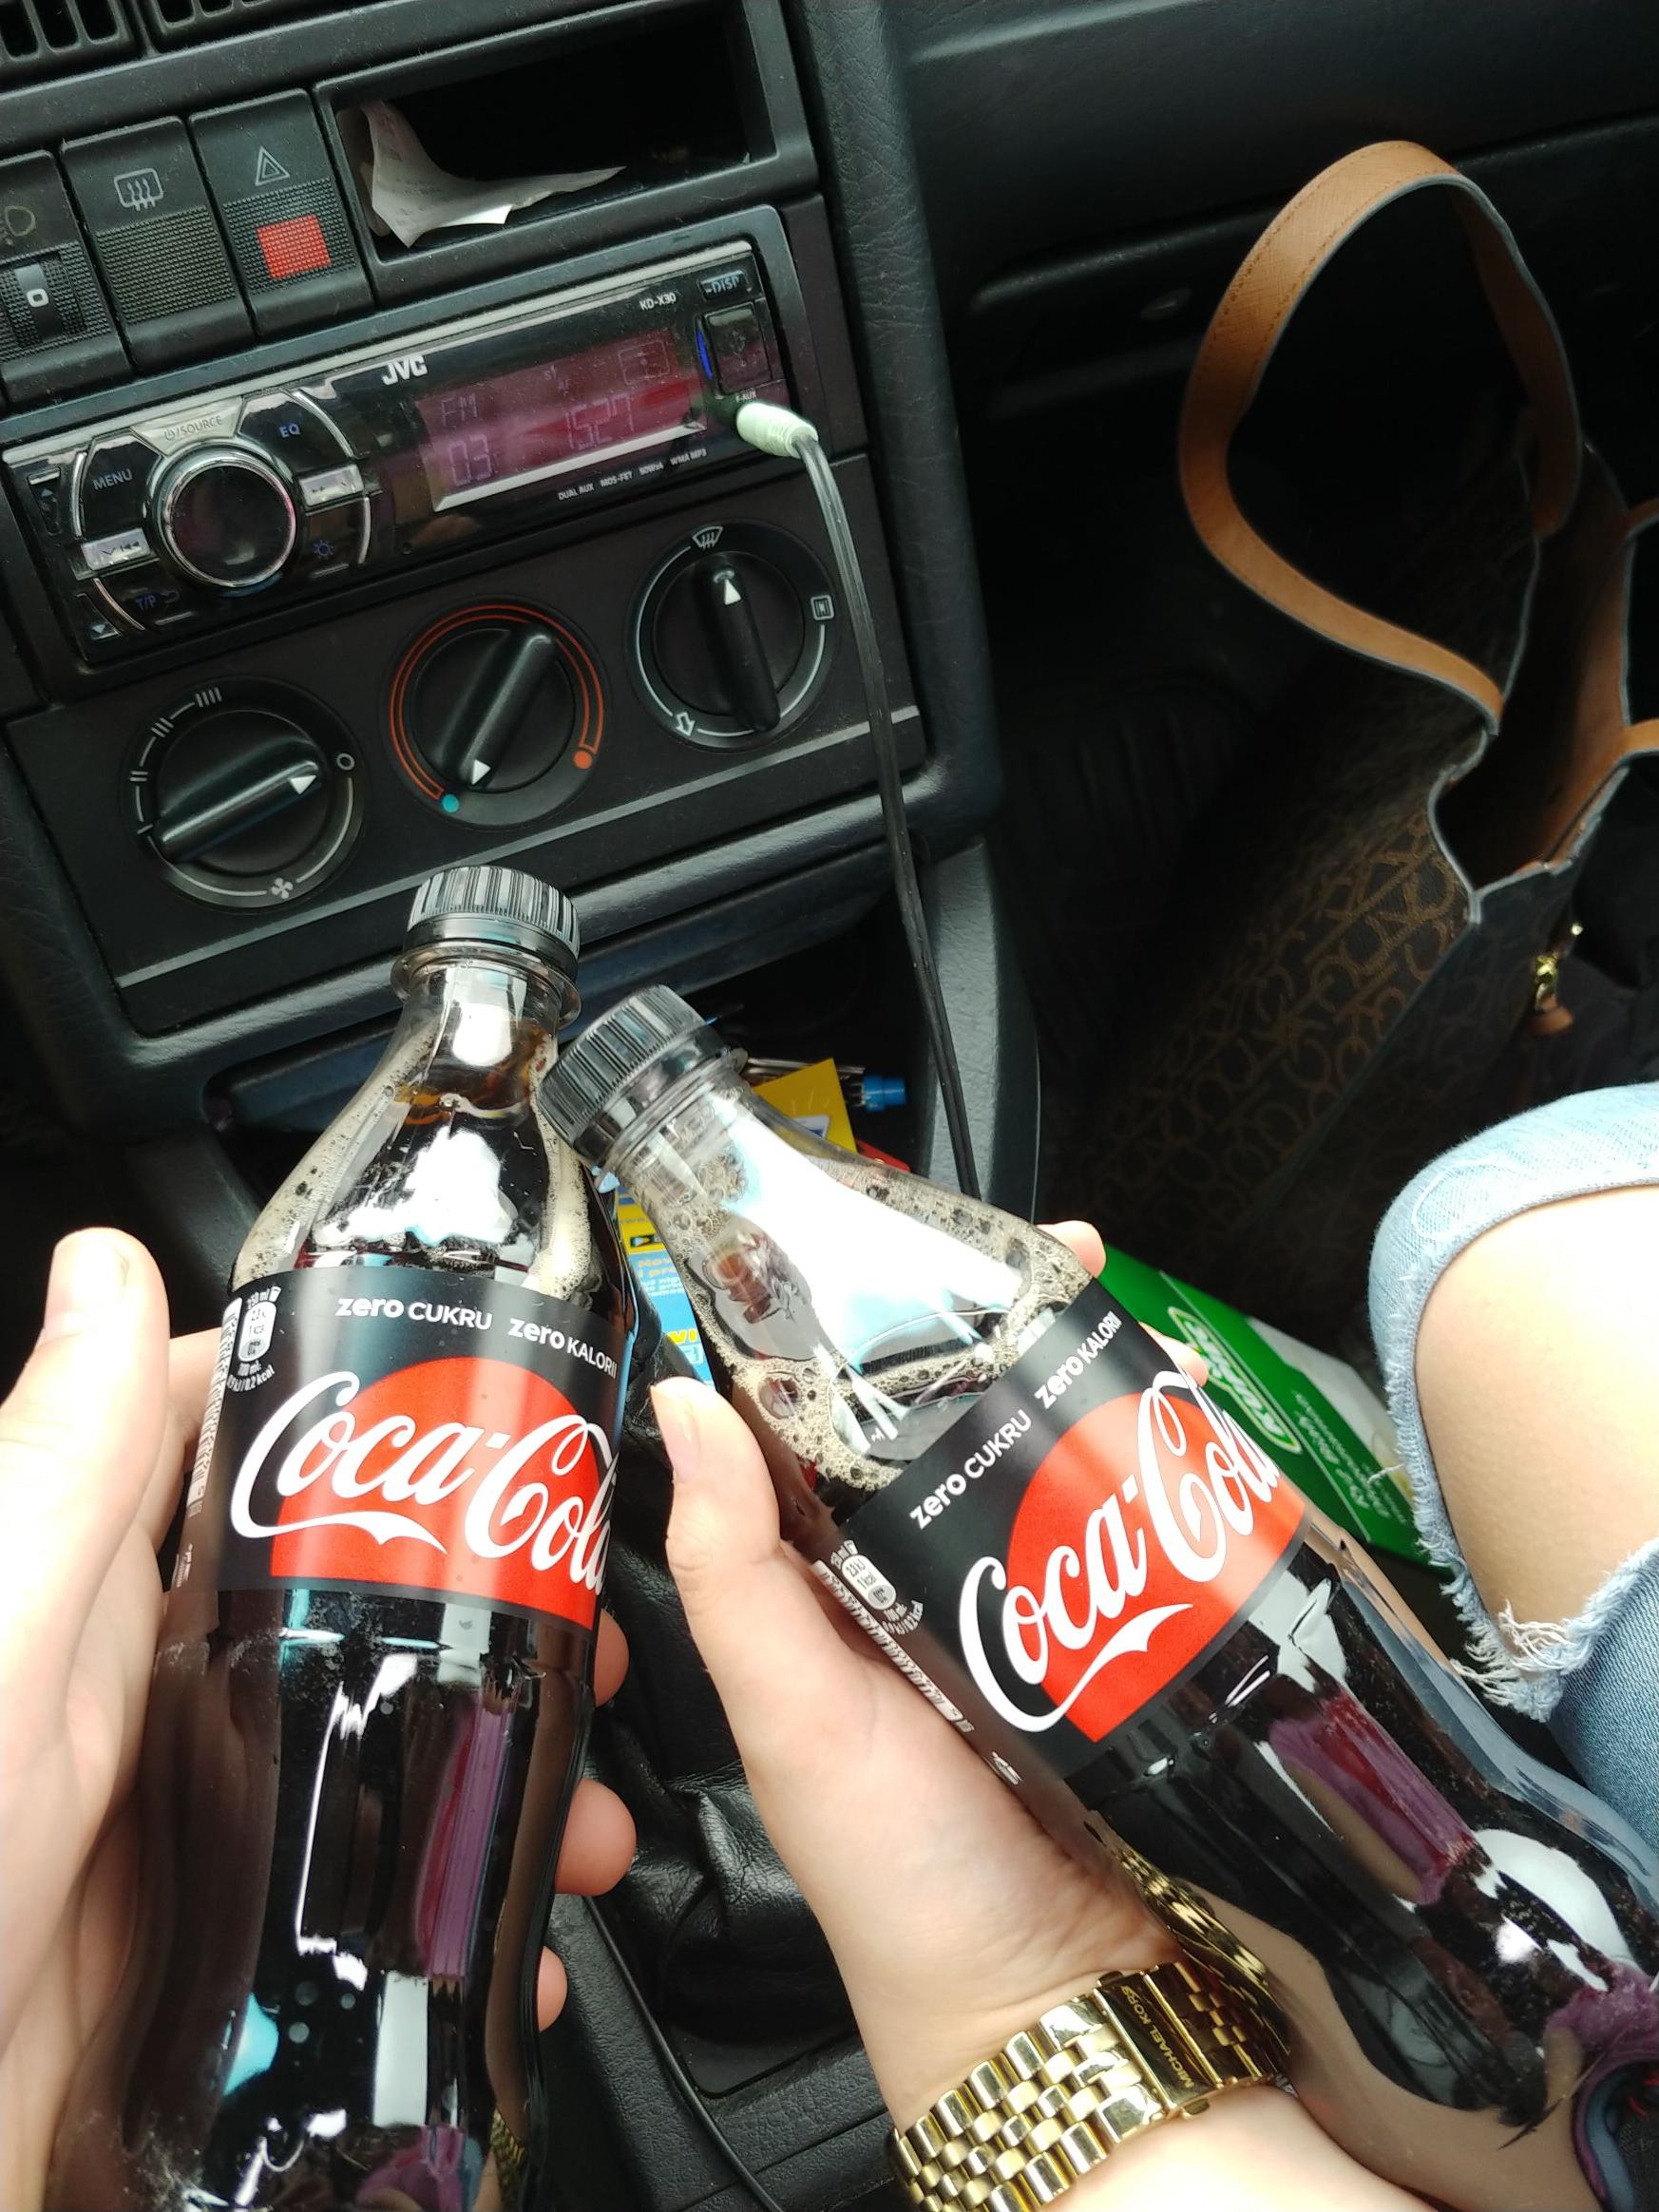 Darmowa Coca-Cola zero Lublin przed przyrodniczym ulica głęboka